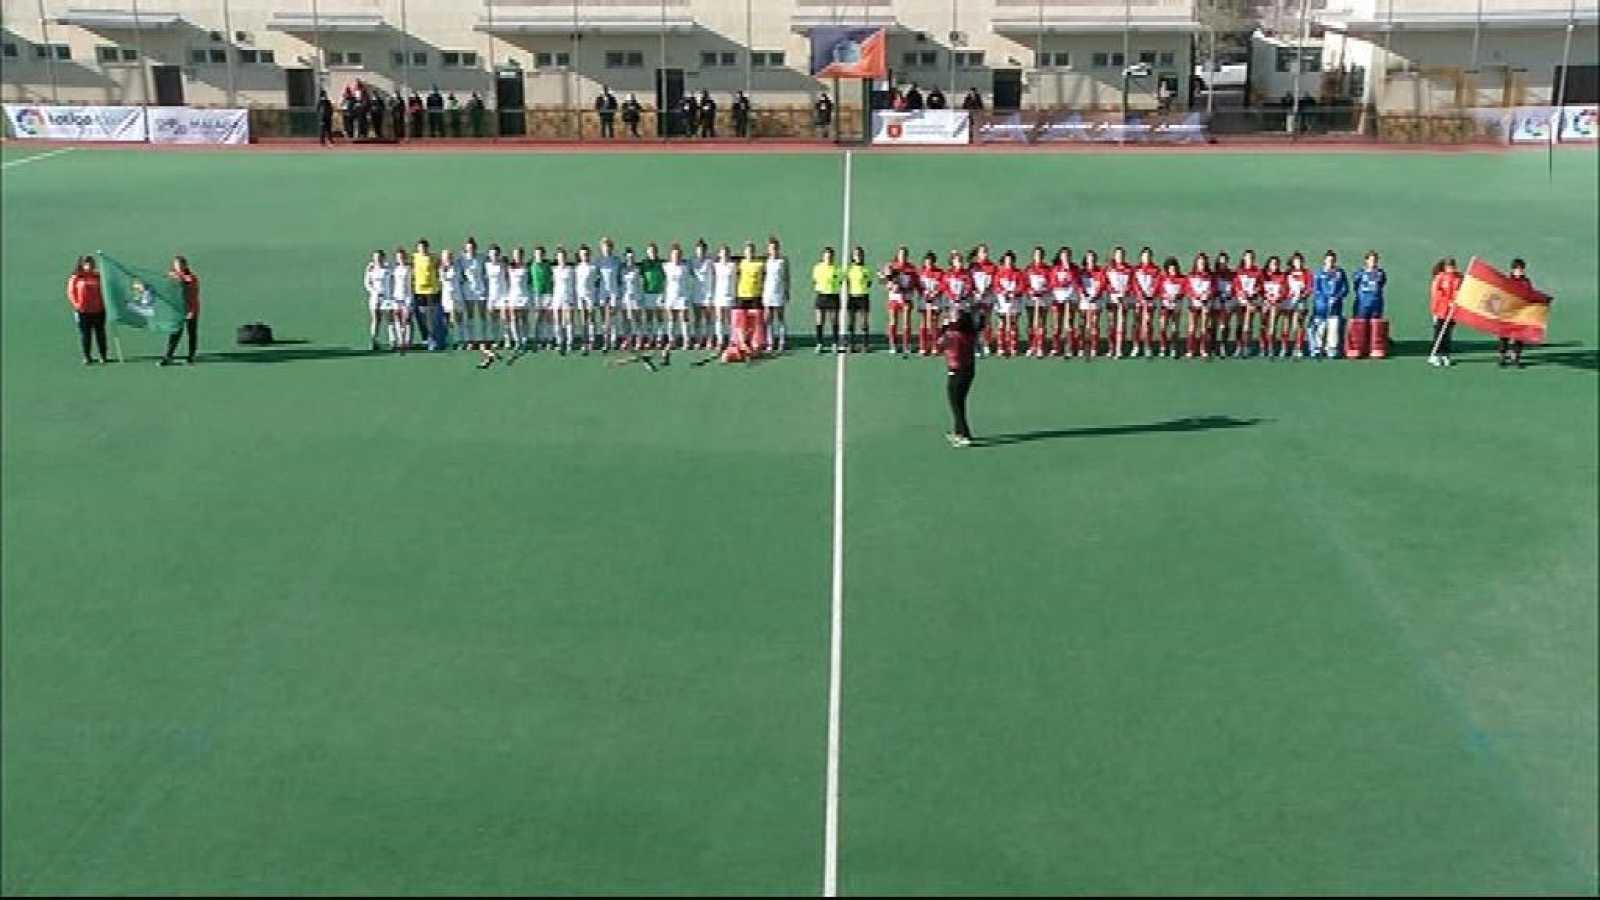 Hockey hierba - Amistoso Selección Femenina: España - Irlanda - ver ahora